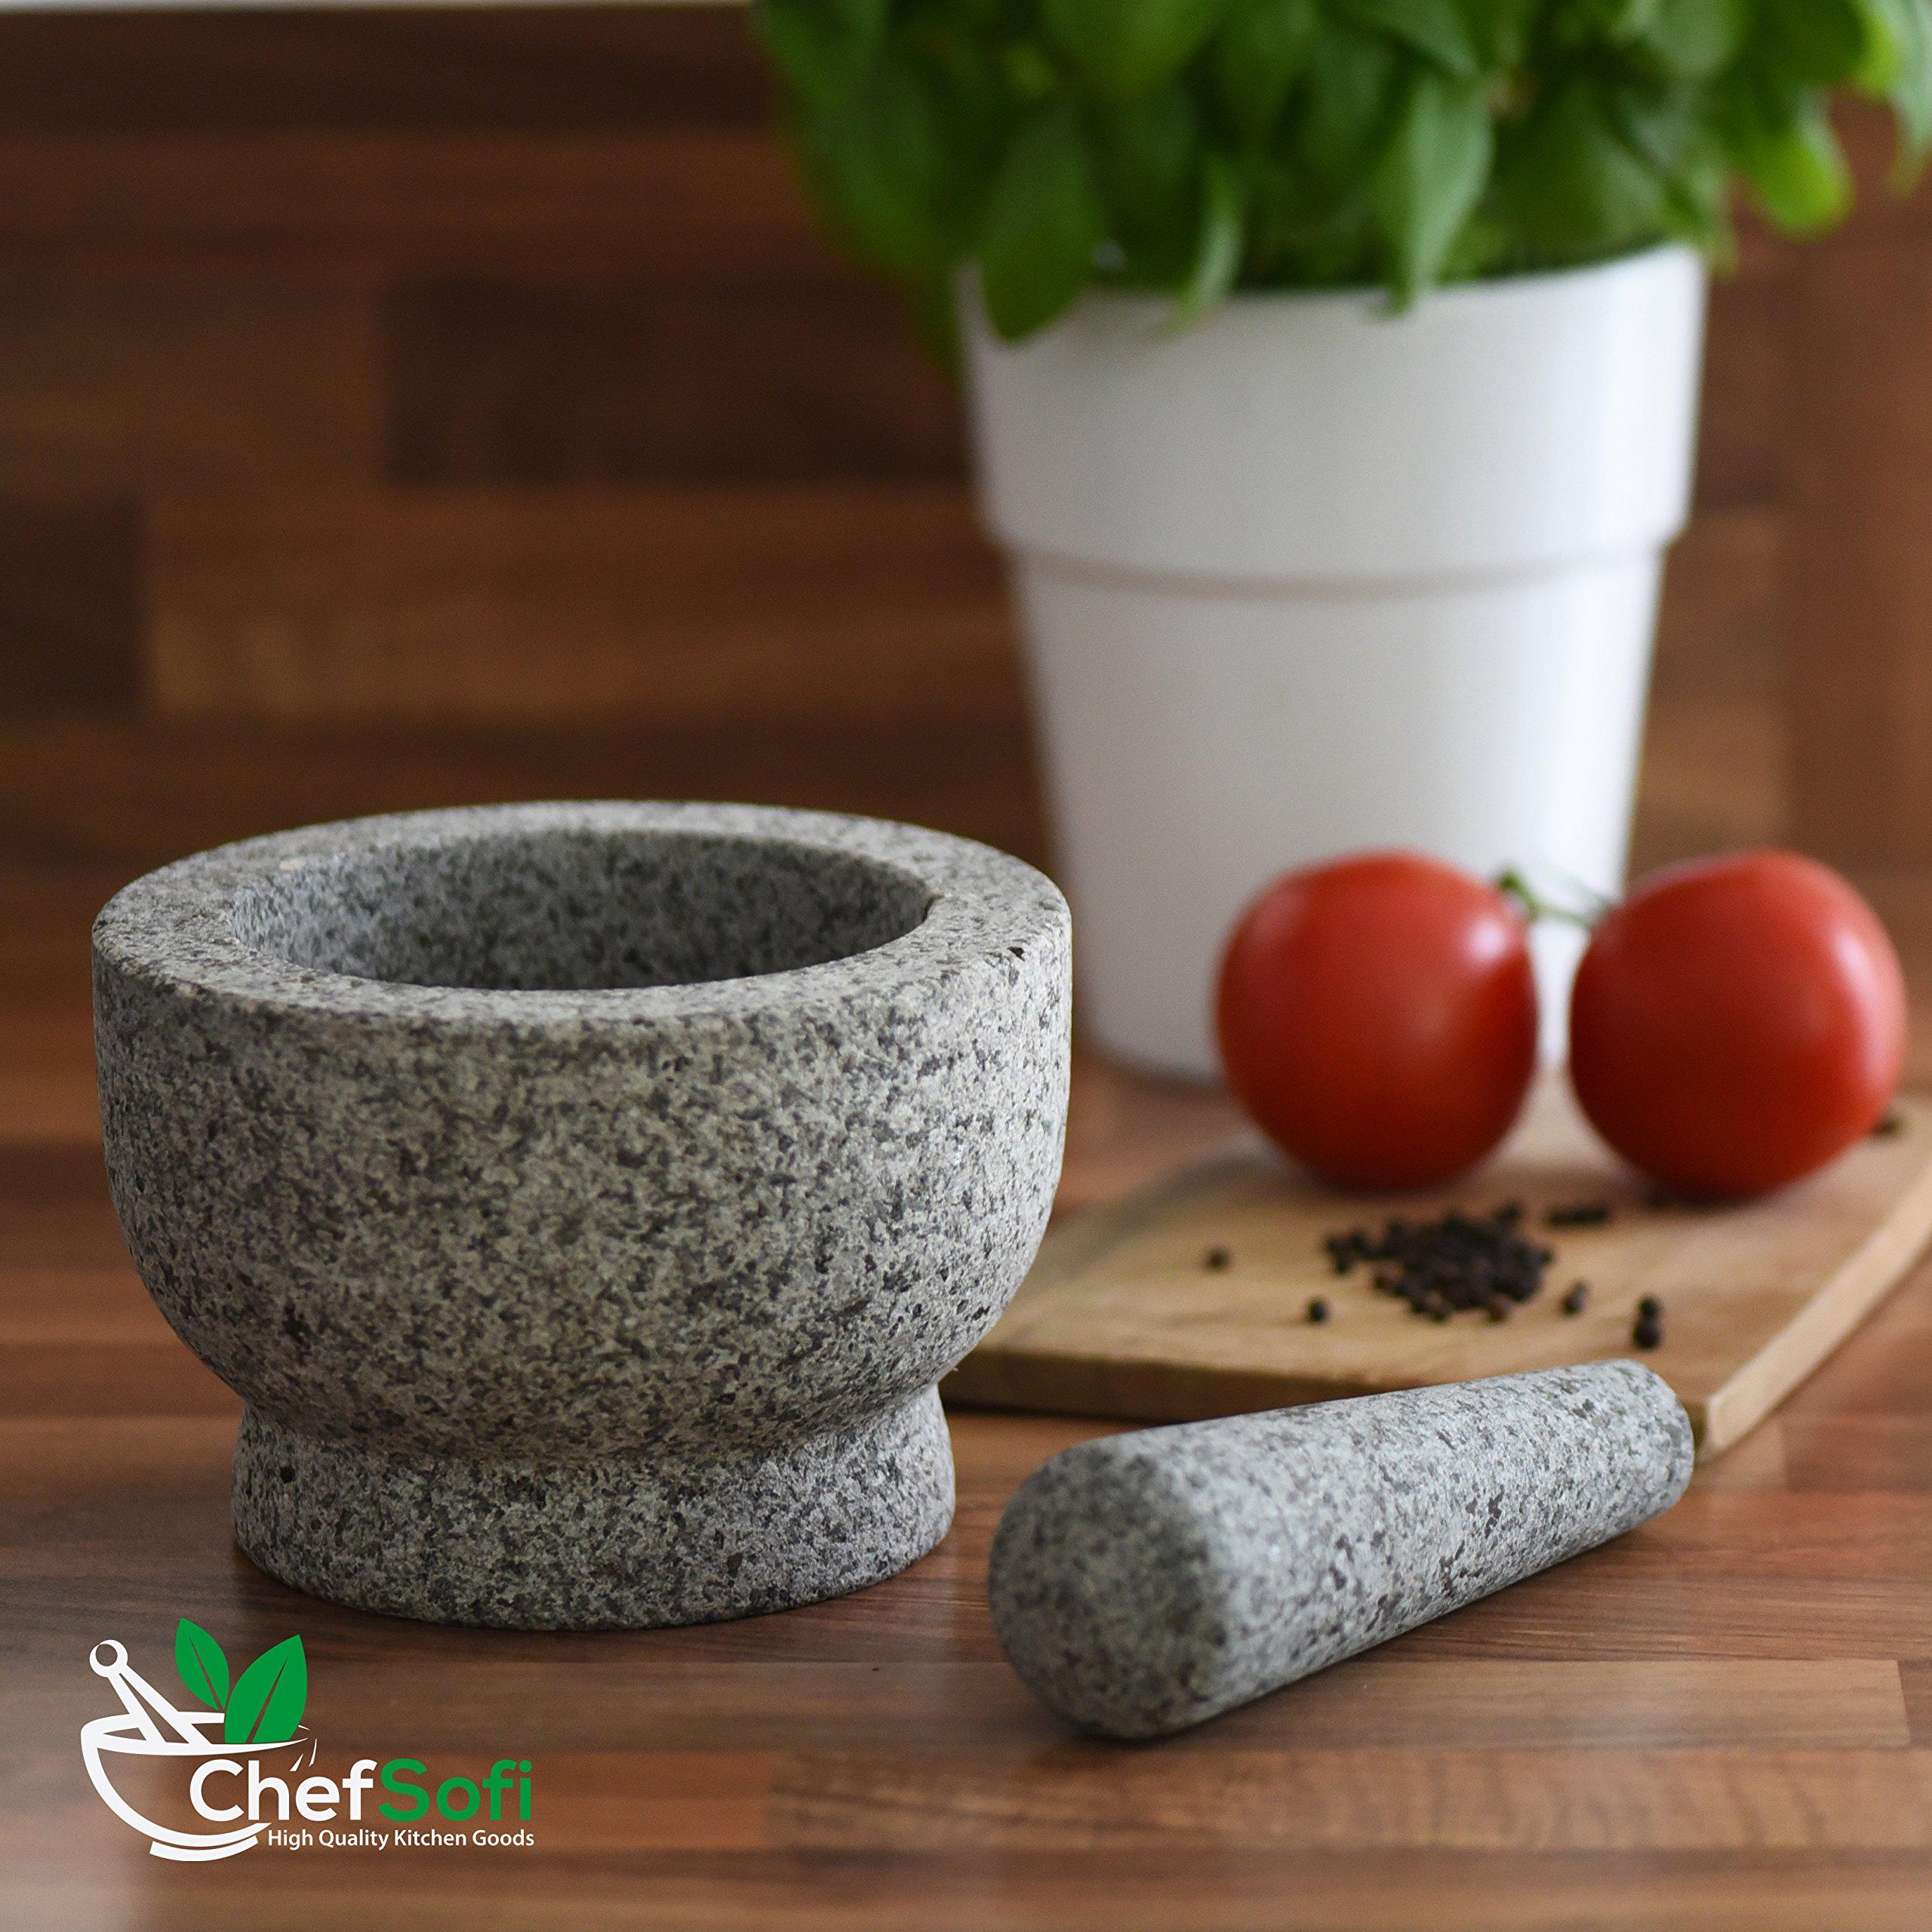 Chefsofi Mortar And Pestle Set Unpolished Heavy Granite